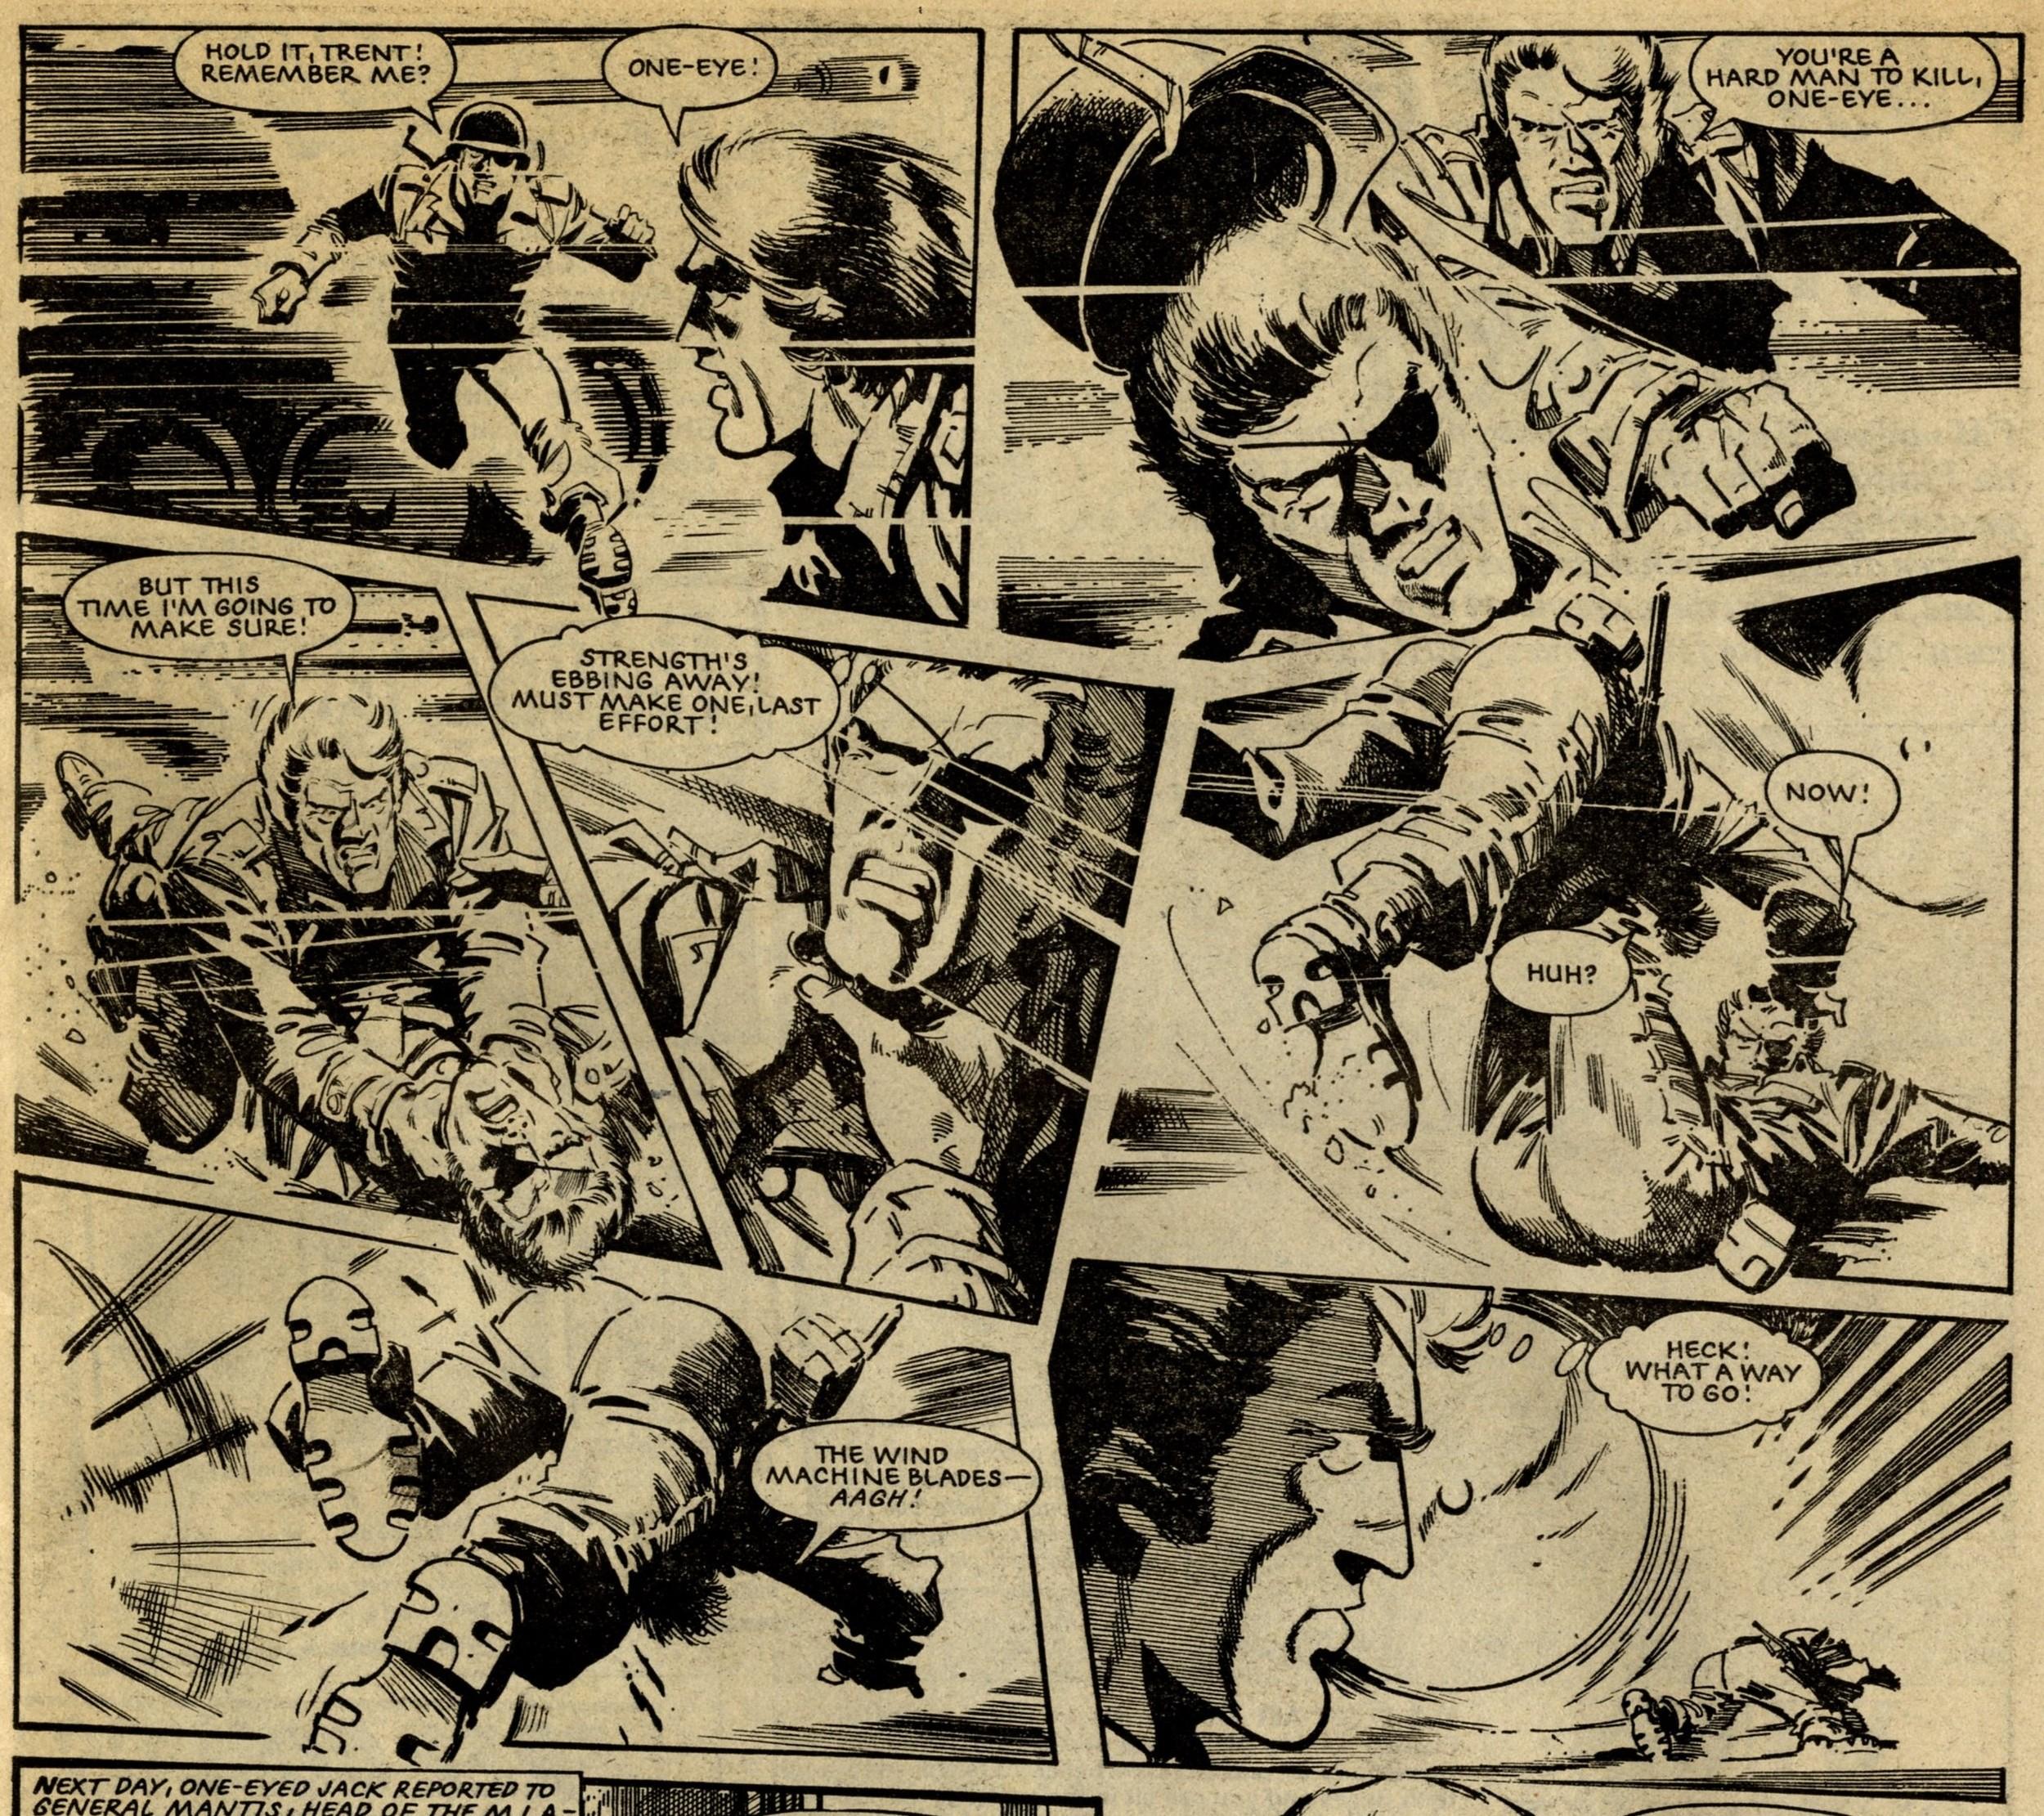 One-eyed Jack (reprint from Valiant): John Wagner (writer), John Cooper (artist)